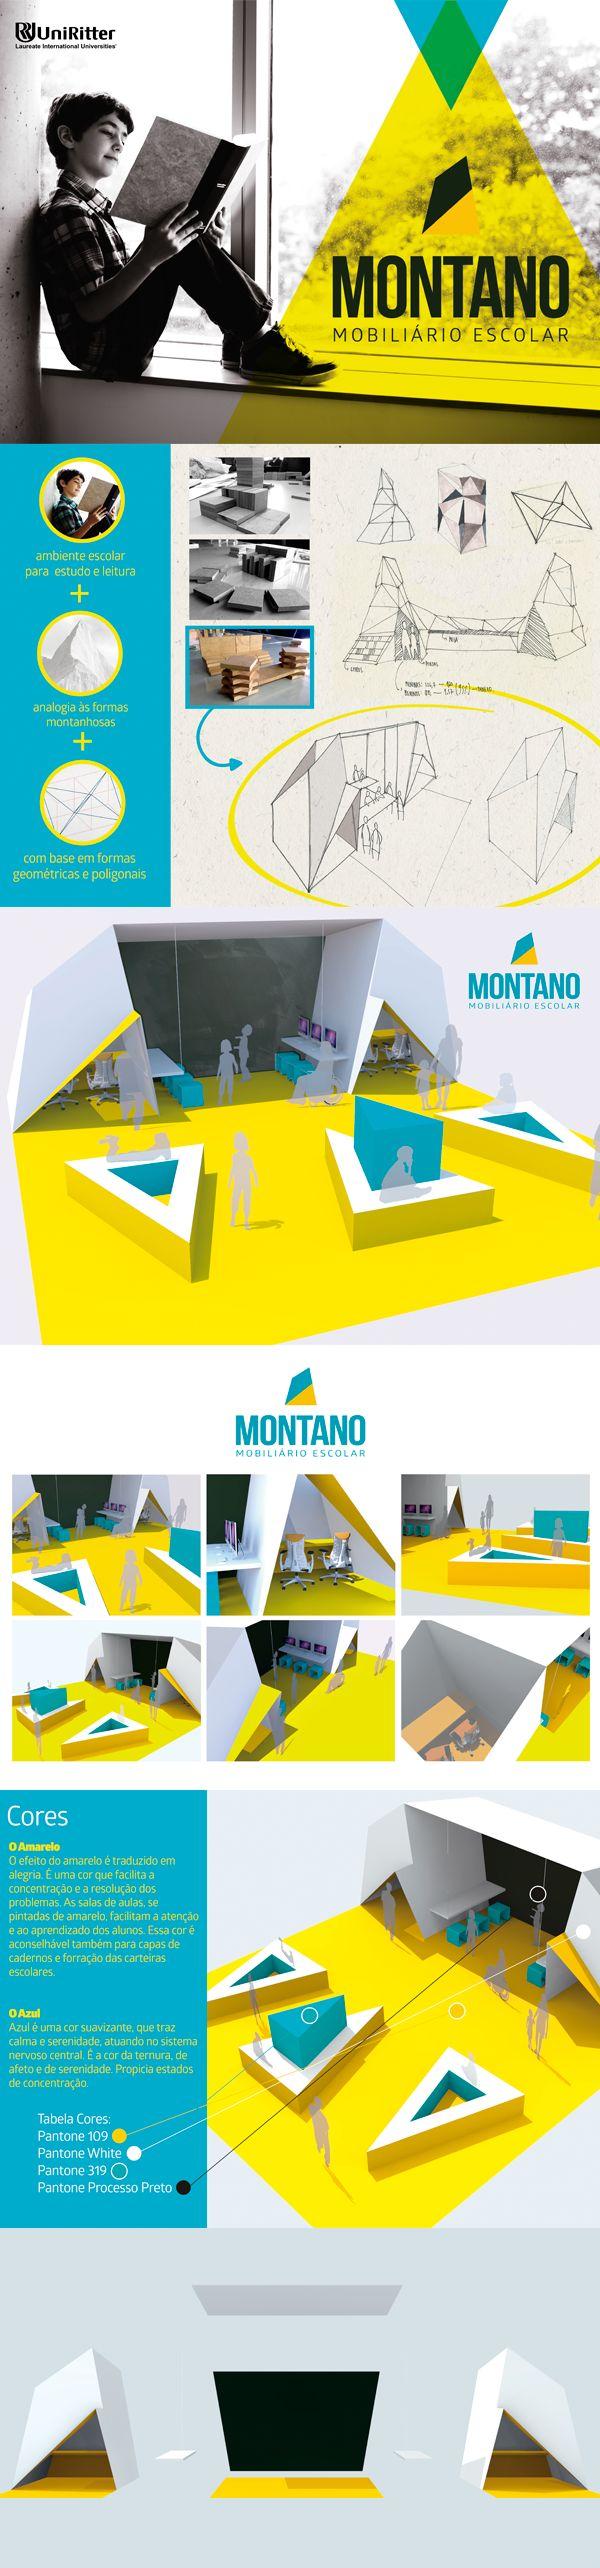 Montano | Mobiliário Escolar on Behance